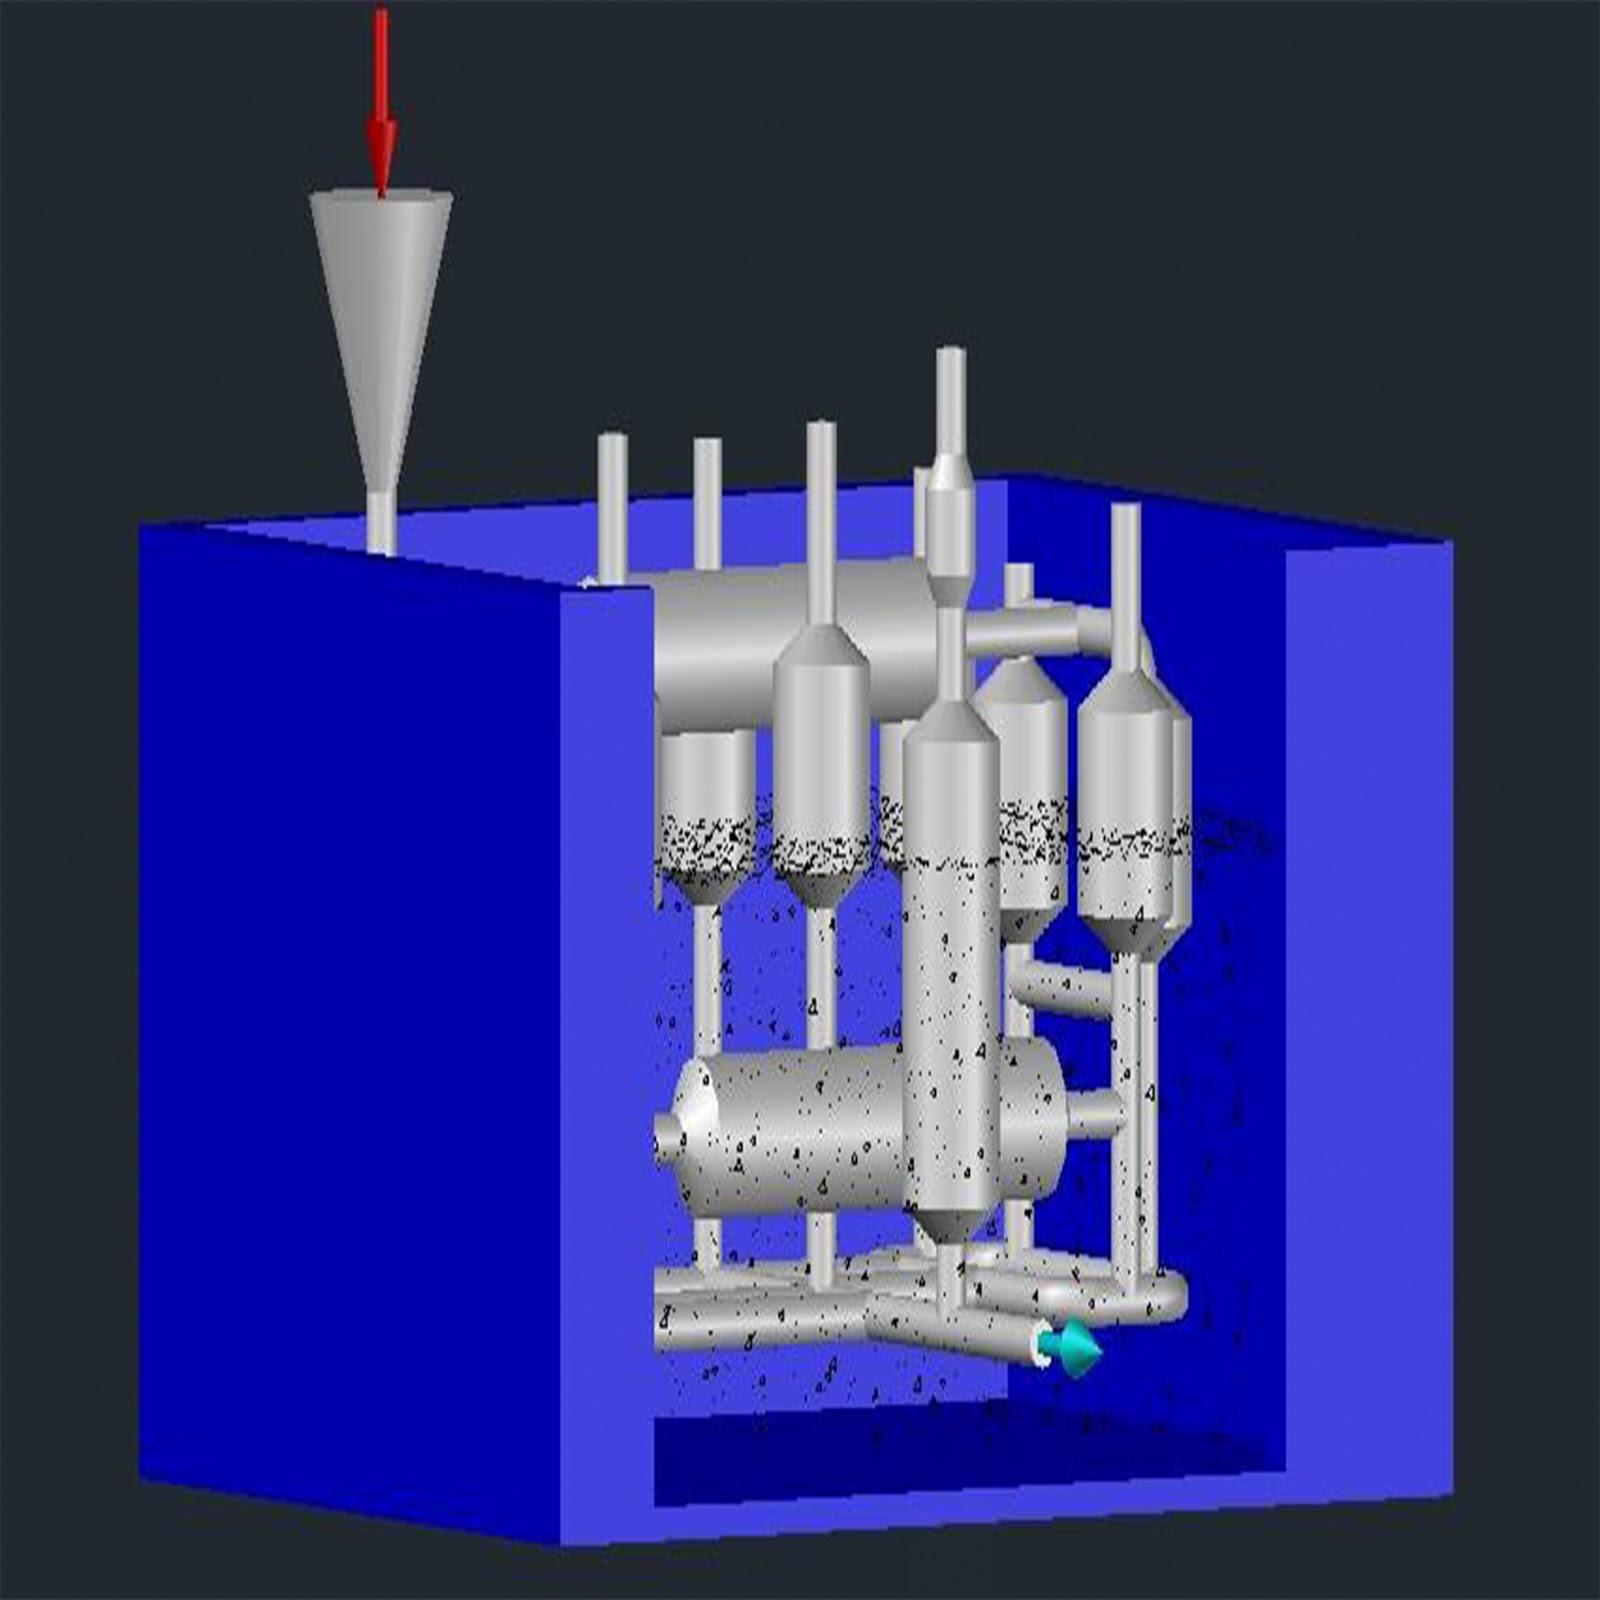 Giới thiệu quy trình xử lý nước cấp sinh hoạt bằng Công nghệ xử lý nước MET